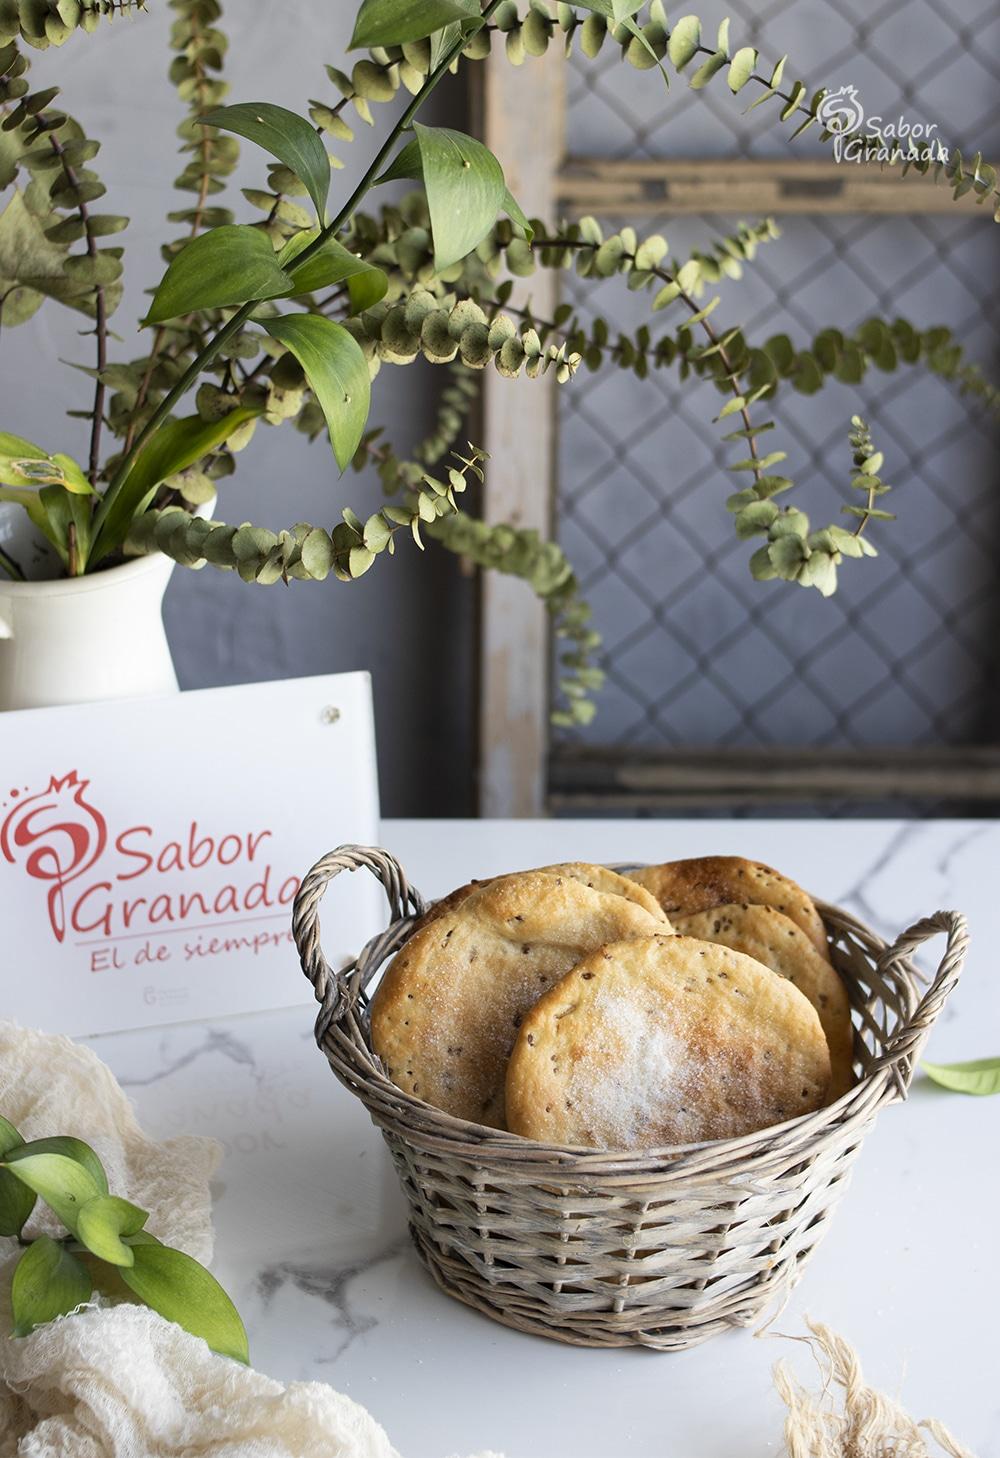 Tortas de aceite en una cesta - Sabor Granada